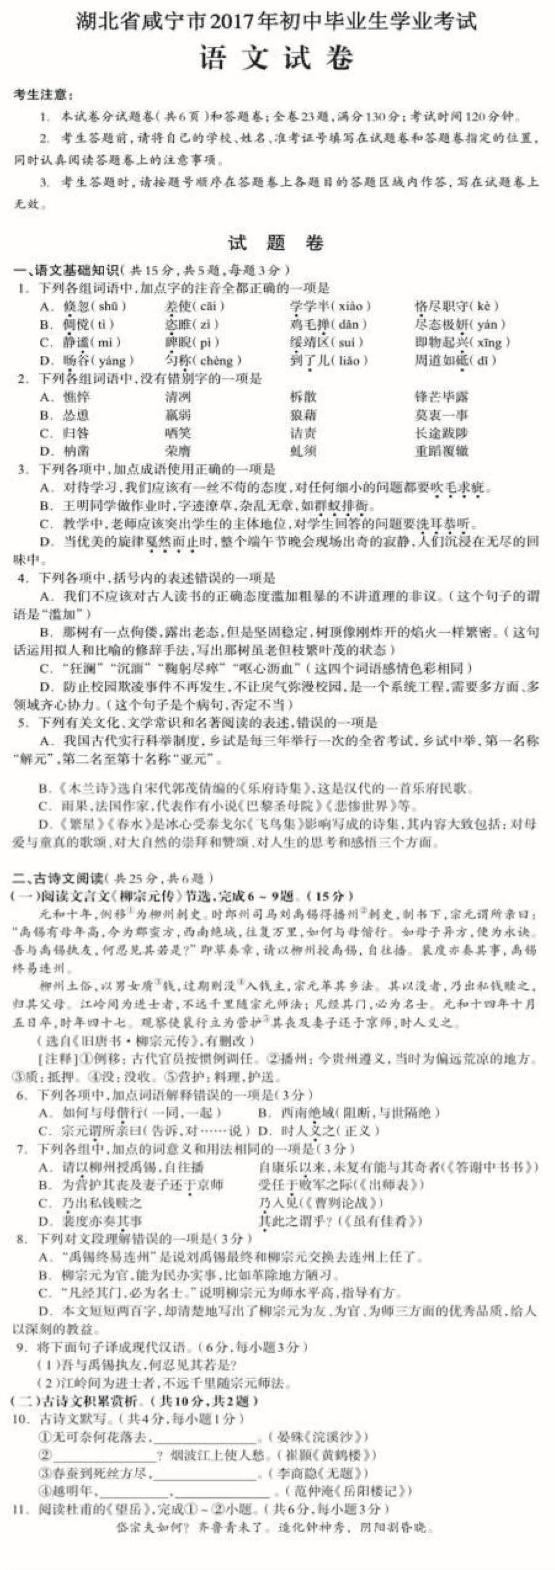 2017咸宁中考语文试题及答案解析(图片版含答案)